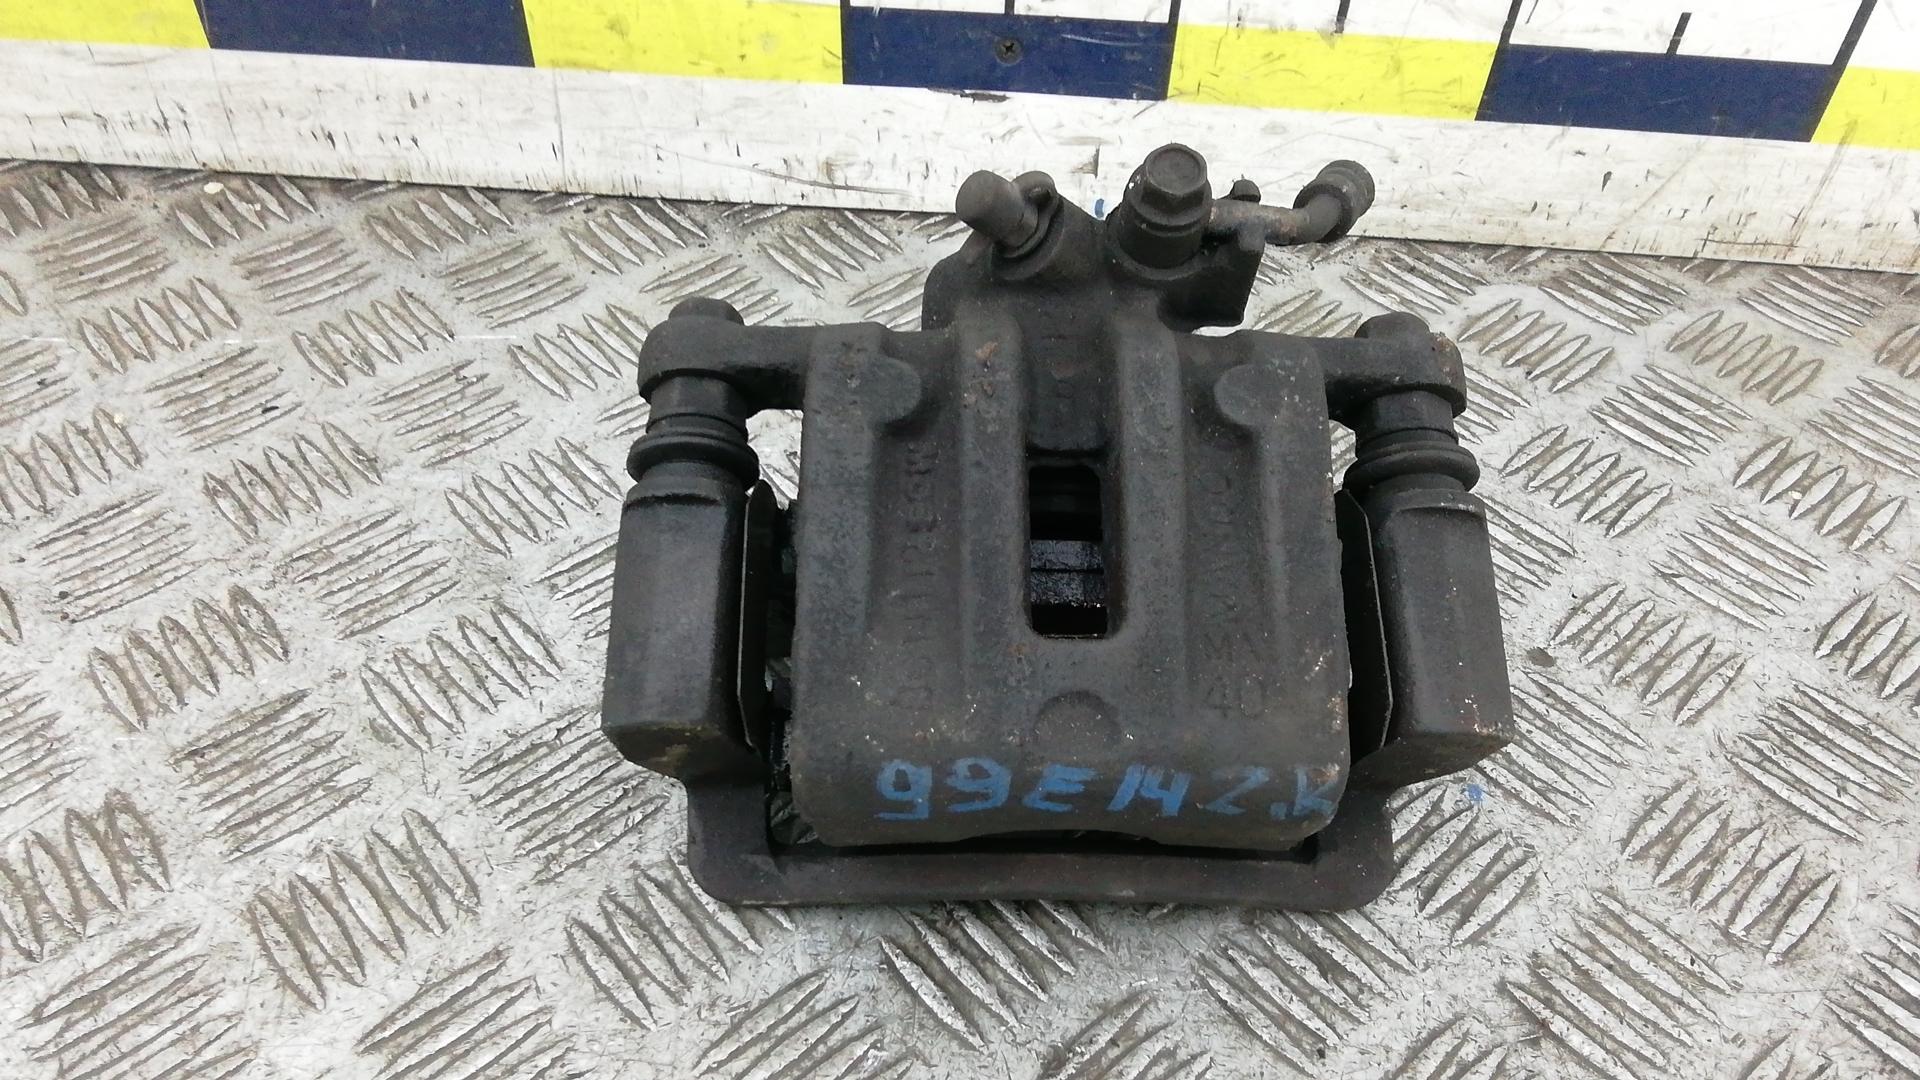 Суппорт тормозной задний правый, CHEVROLET, CAPTIVA 1, 2009